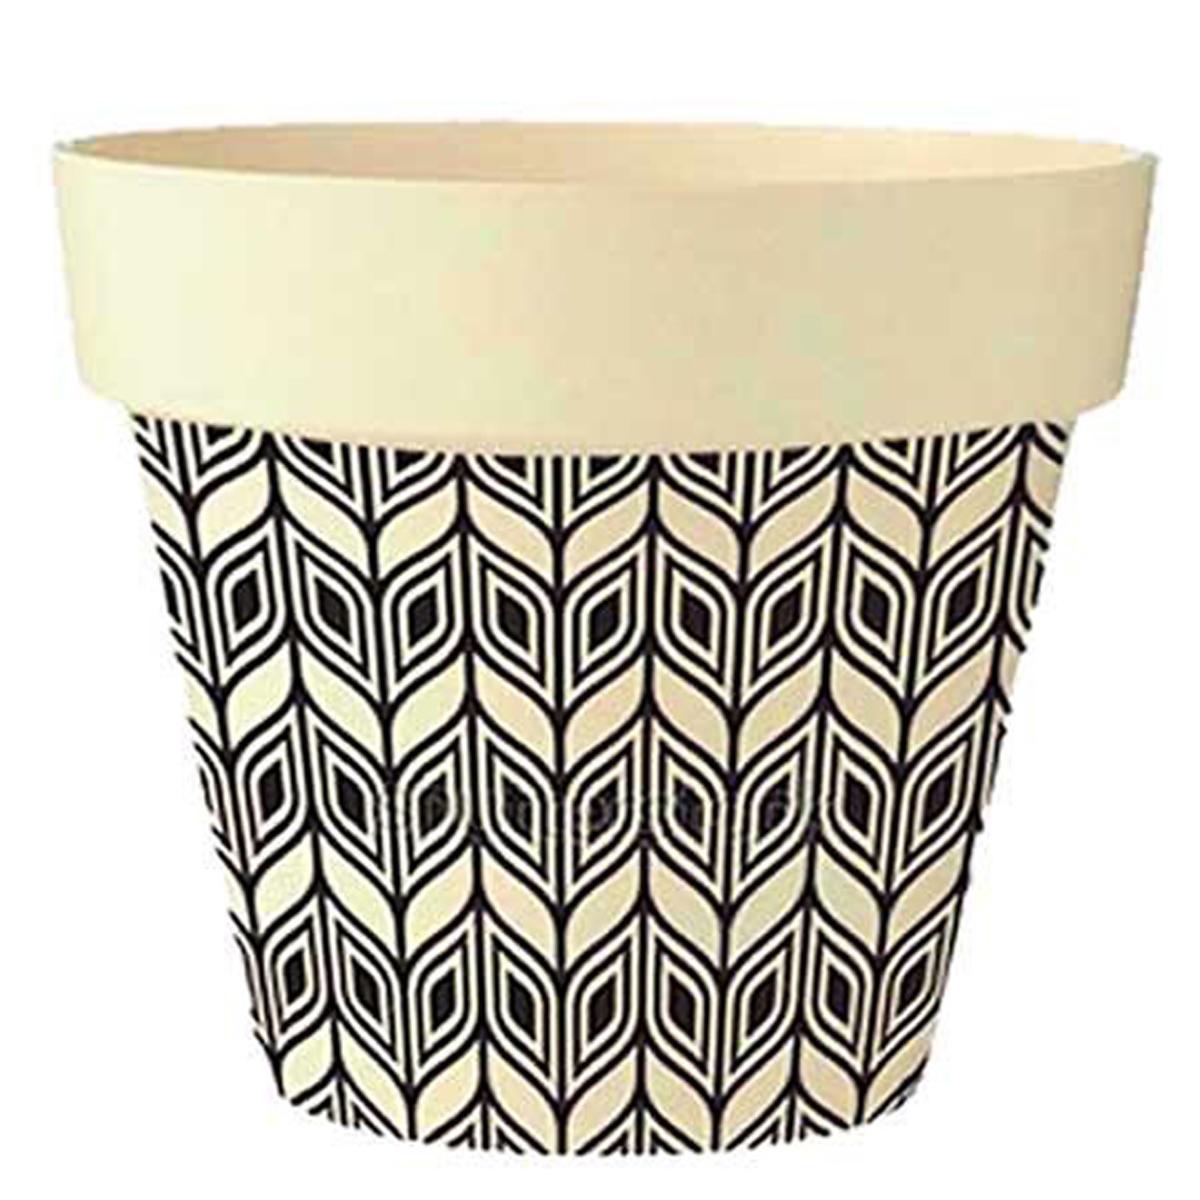 Cache-pot bambou \'Boho\' noir  beige -  17x18 cm - [Q6404]